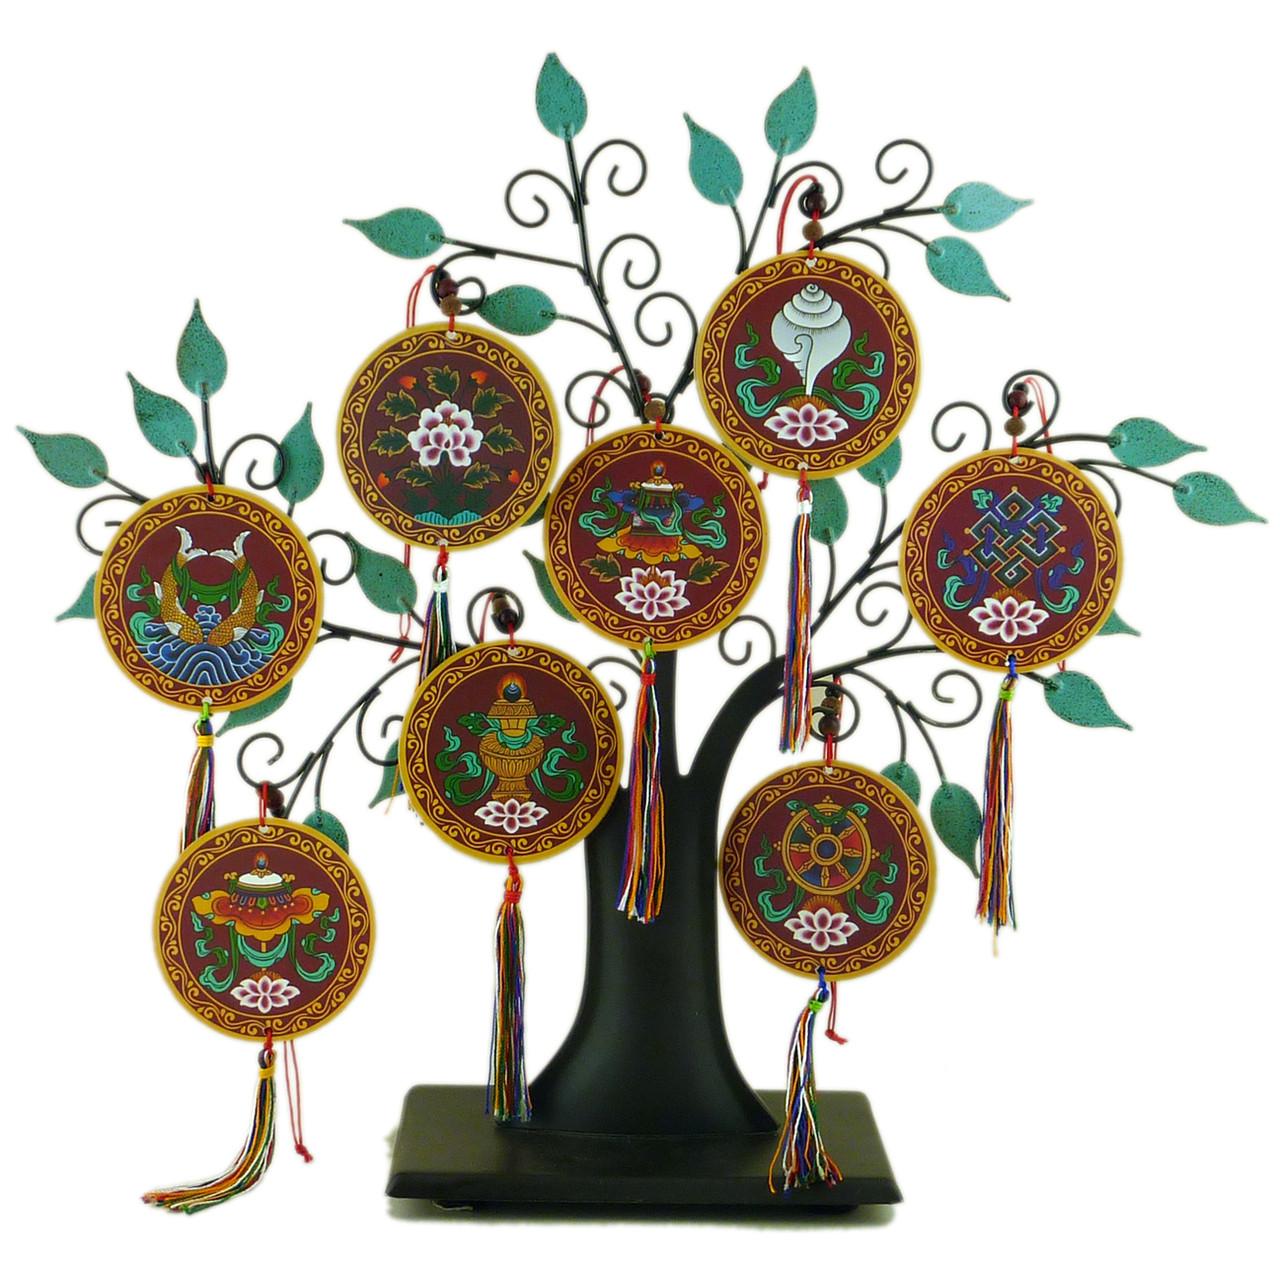 8 Auspicious Symbol Hanging Medallions Dharma Treasures